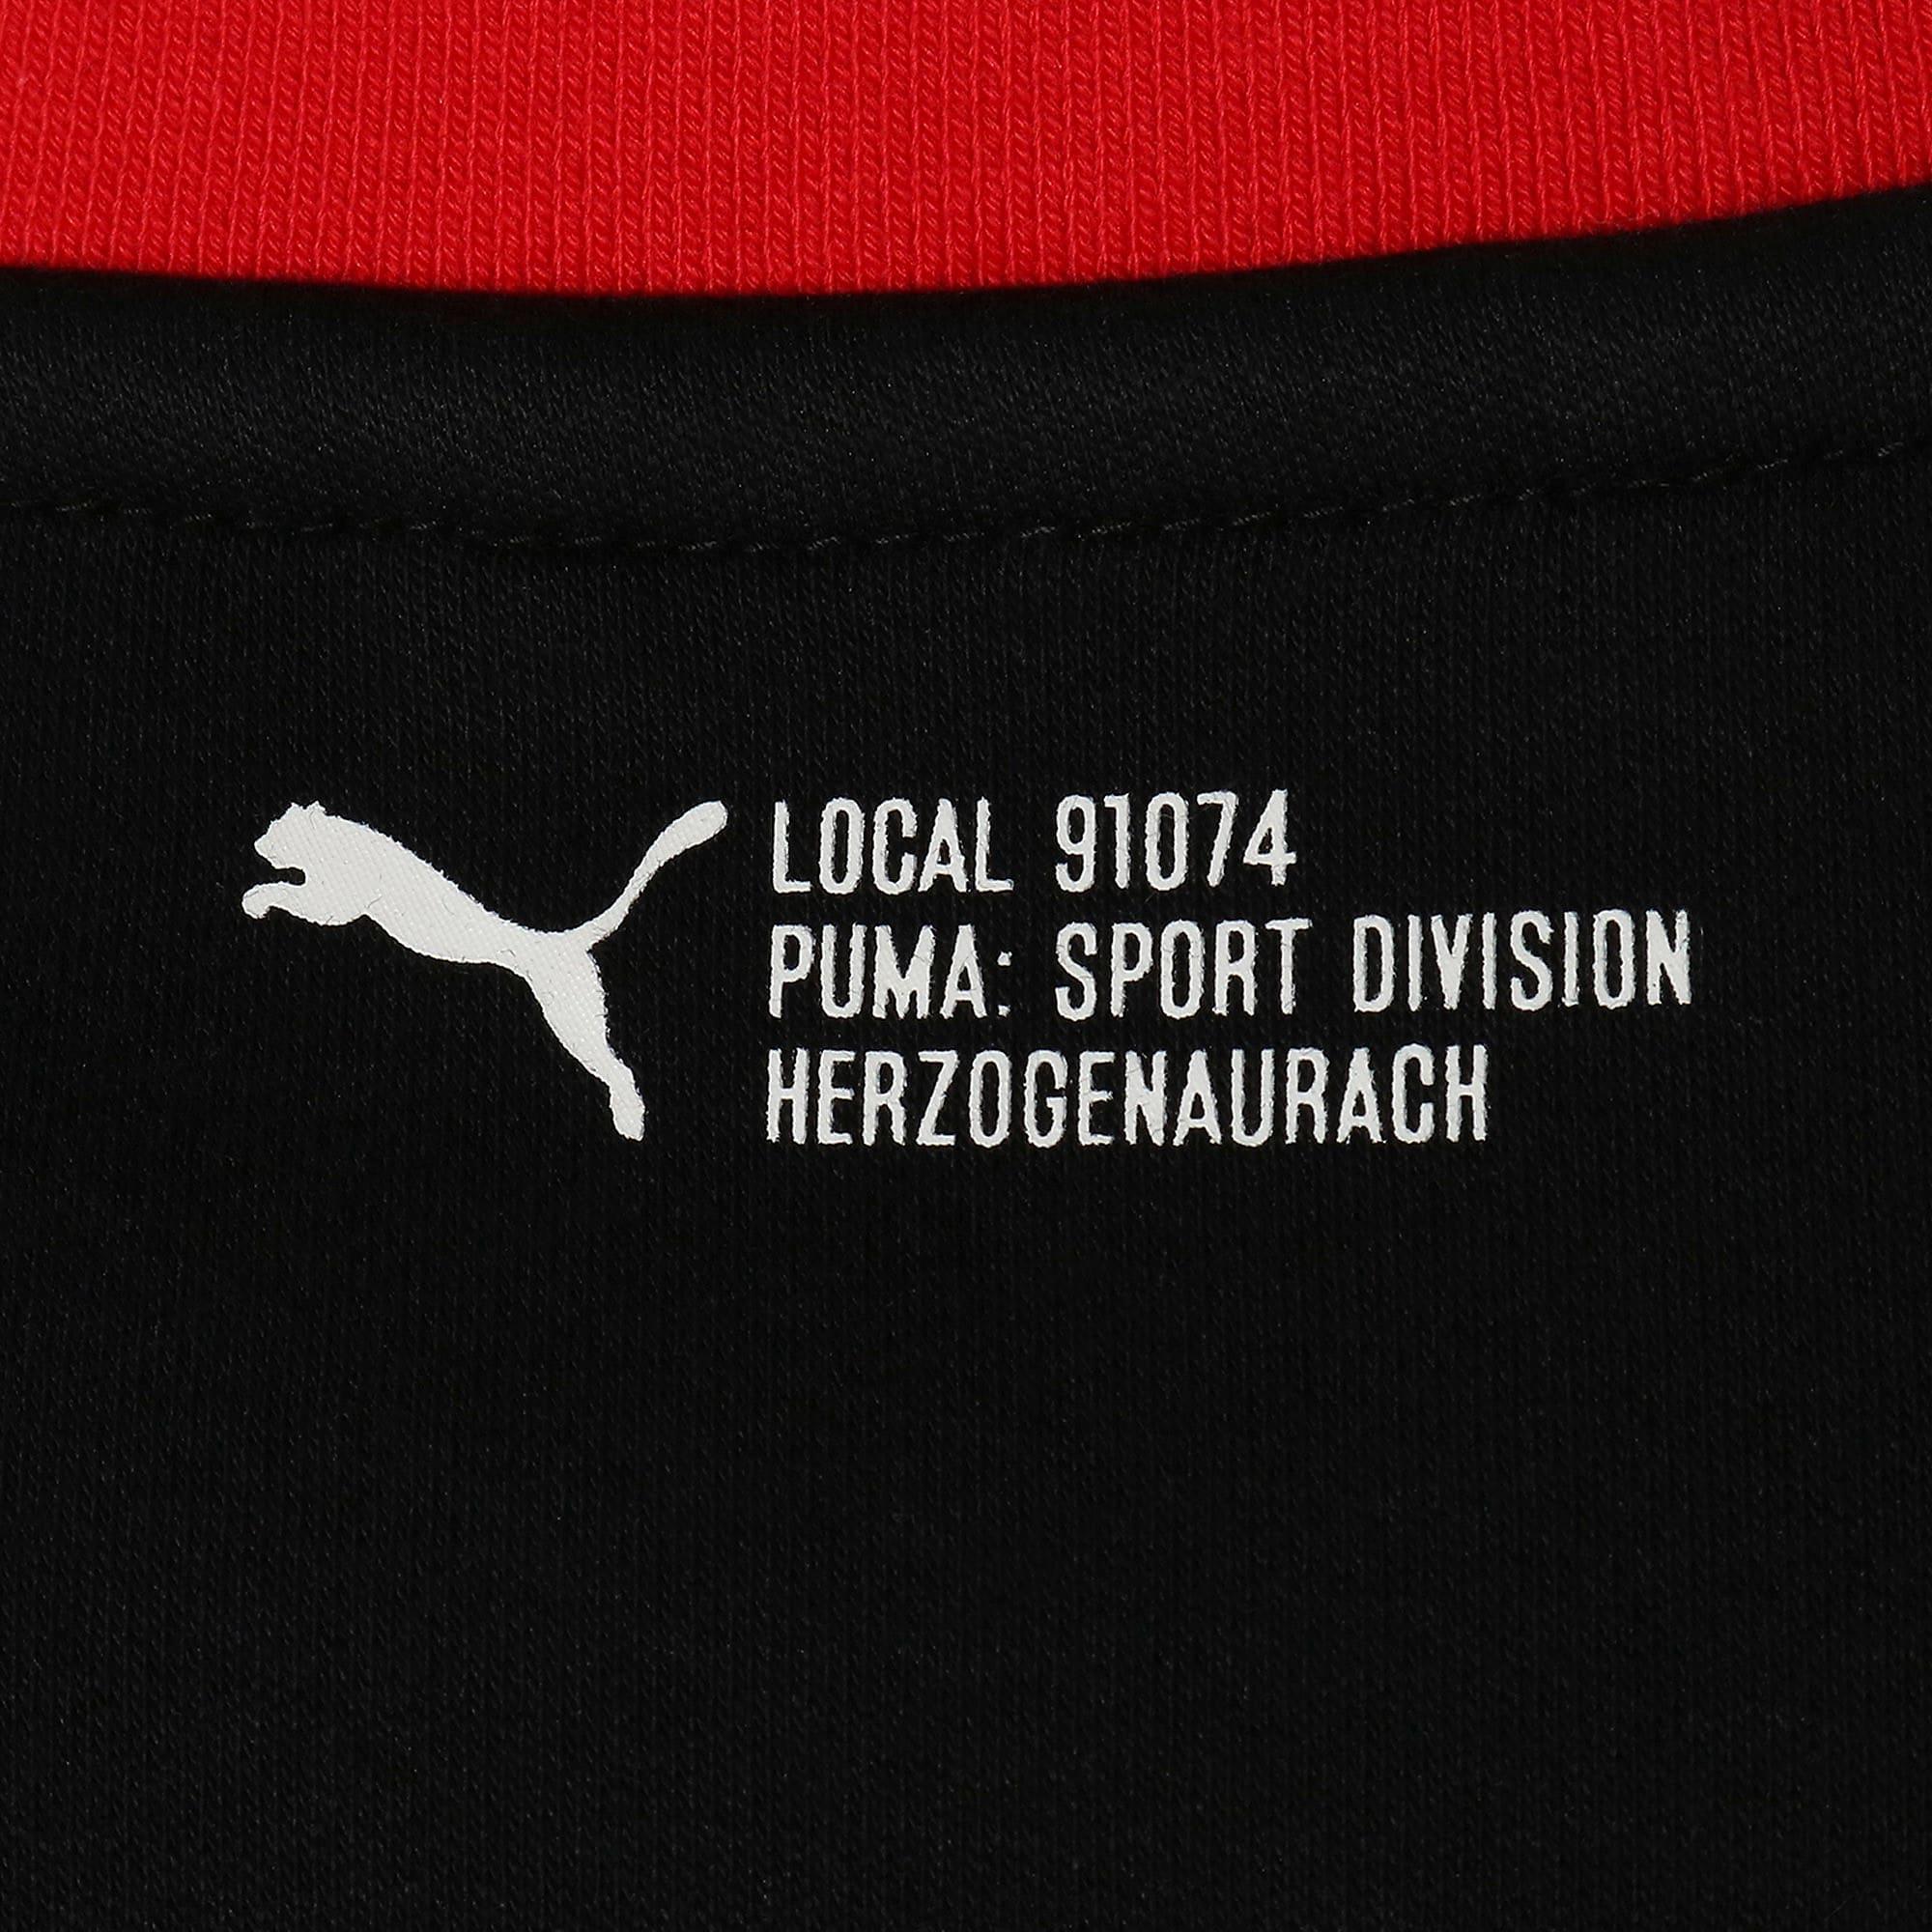 Thumbnail 8 of PUMA 91074 T7 トラックジャケット, Puma Black, medium-JPN